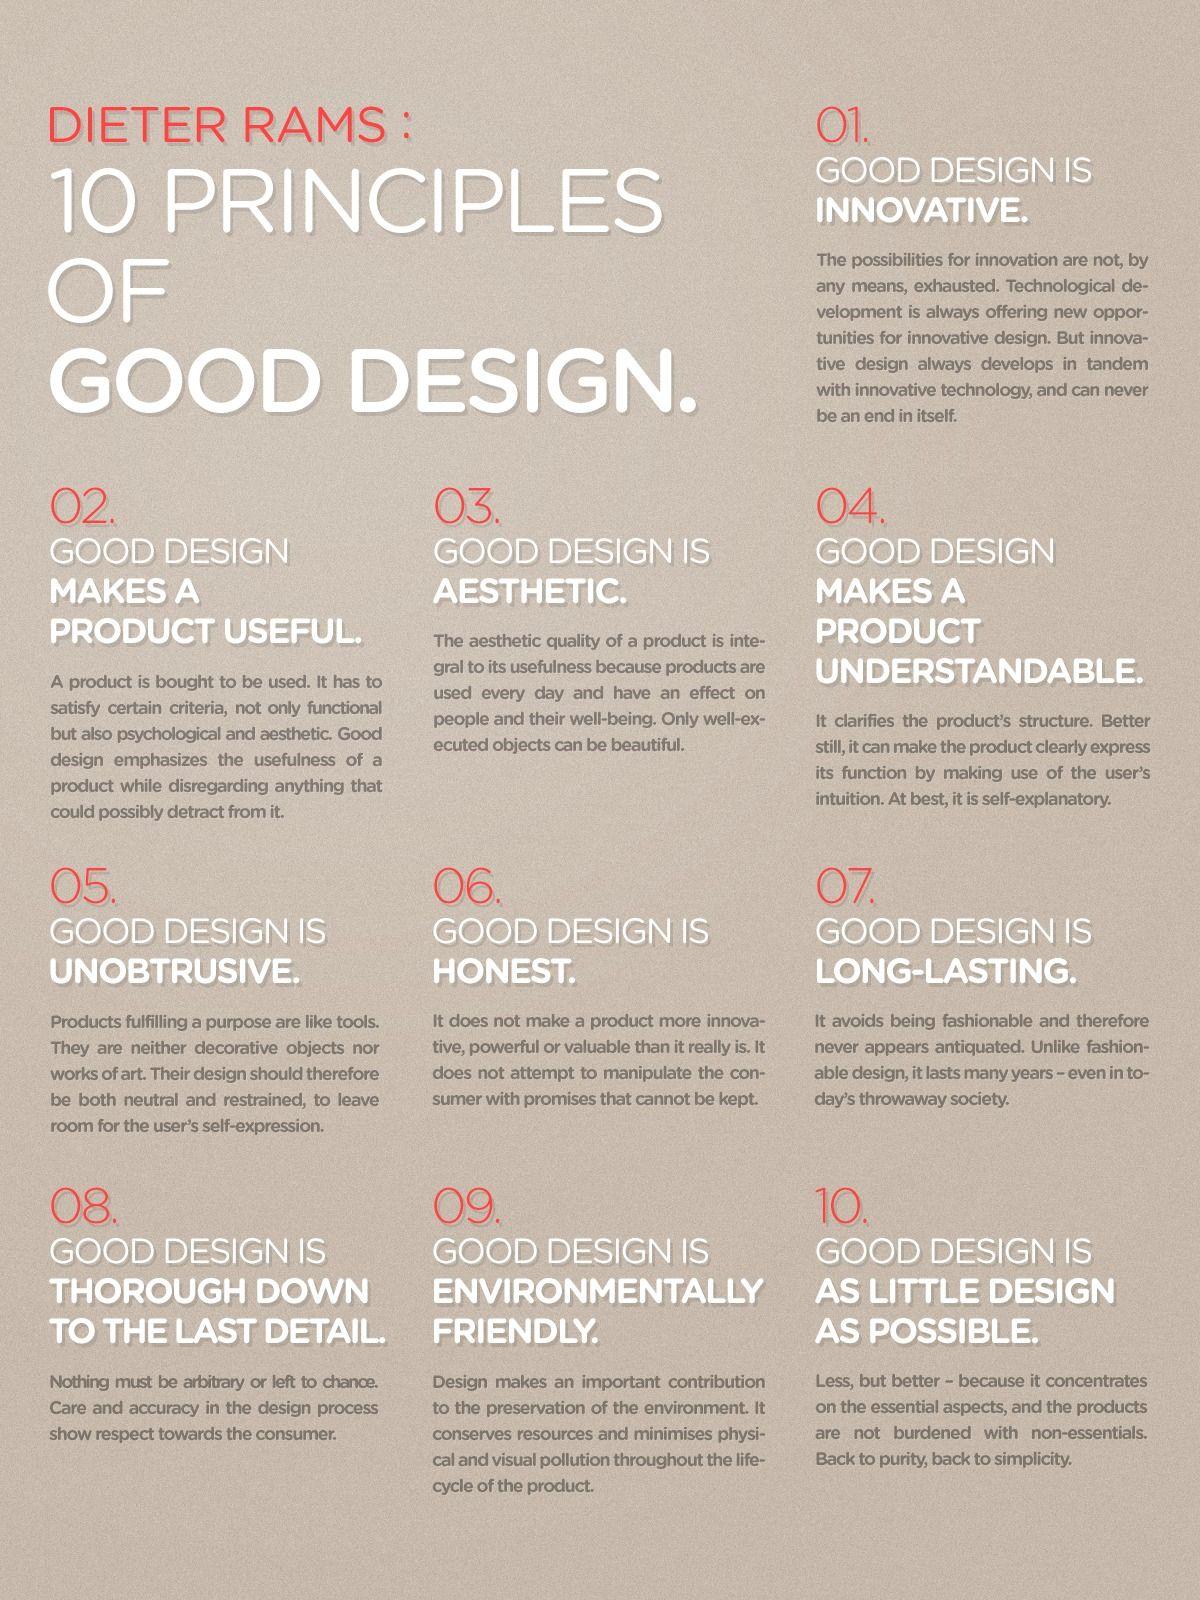 dieter rams 10 principles of good design poster design. Black Bedroom Furniture Sets. Home Design Ideas